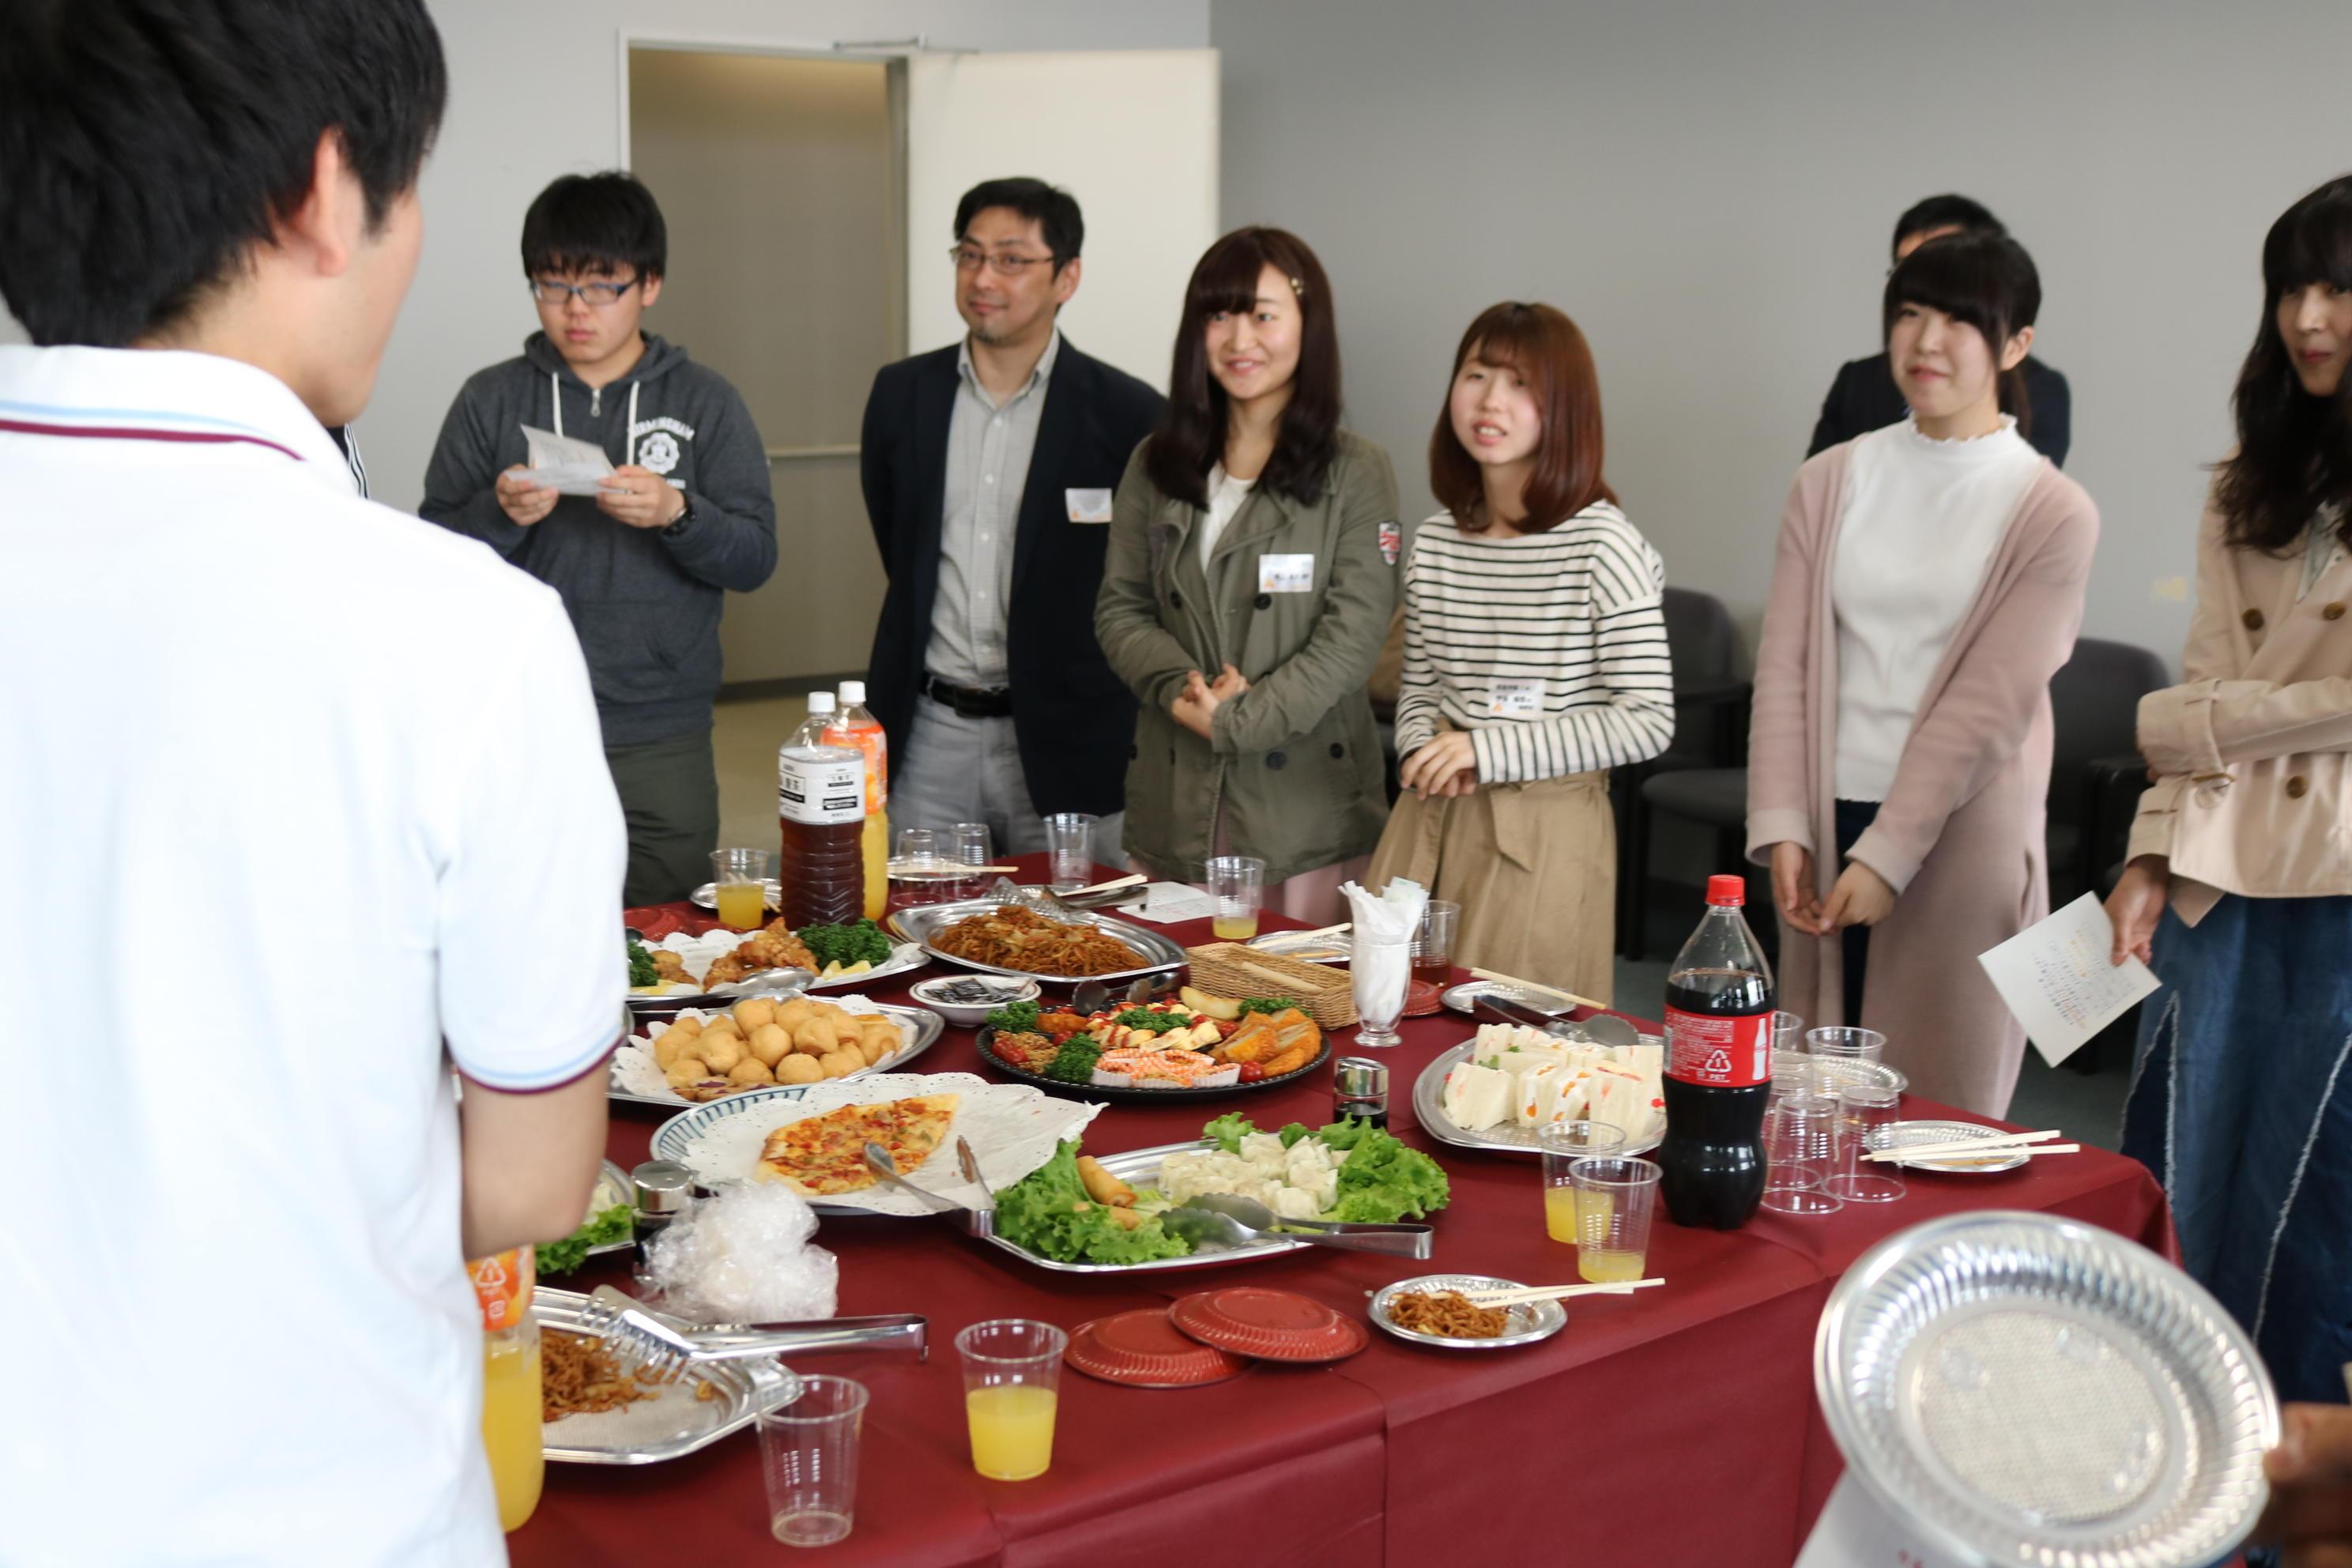 一人暮らしの学生応援企画。お国ことばで盛り上がろう「地域別学生交流会」を今年も4/20(金)昼休みに開催 -- 東京経済大学